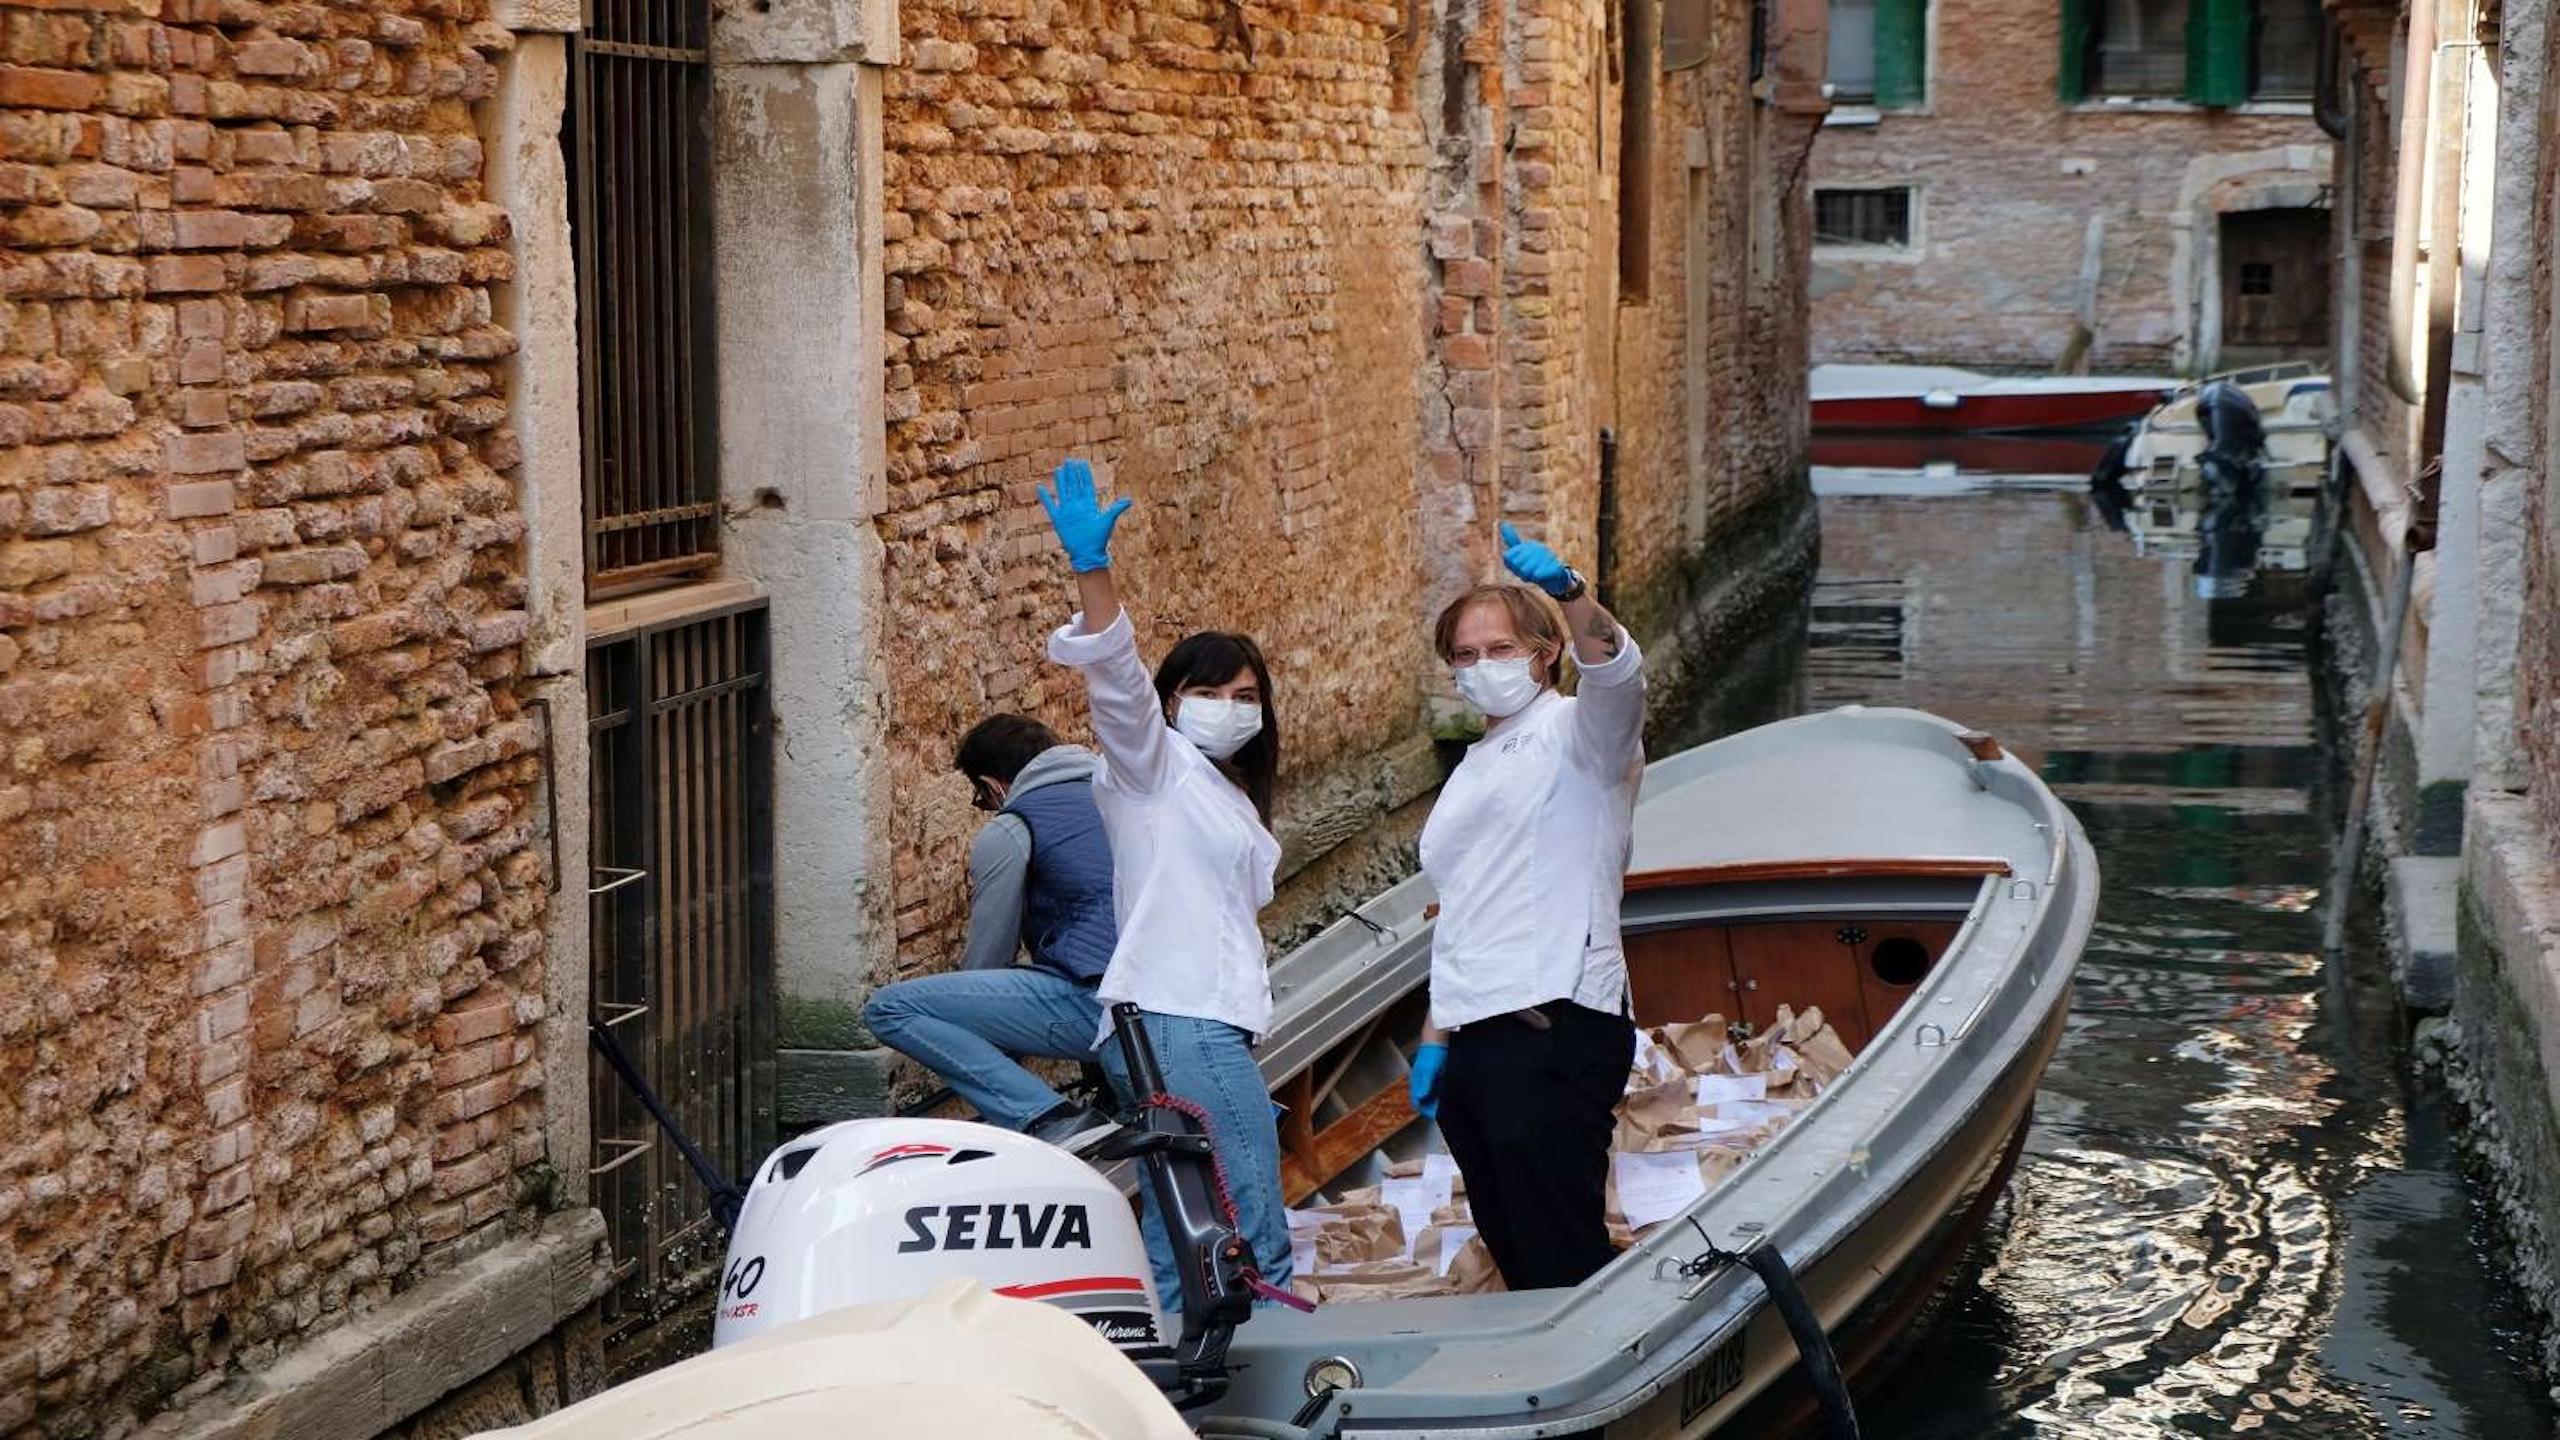 Silvia Rozas y Marco Zambon entregando comida al hospital de Venecia.